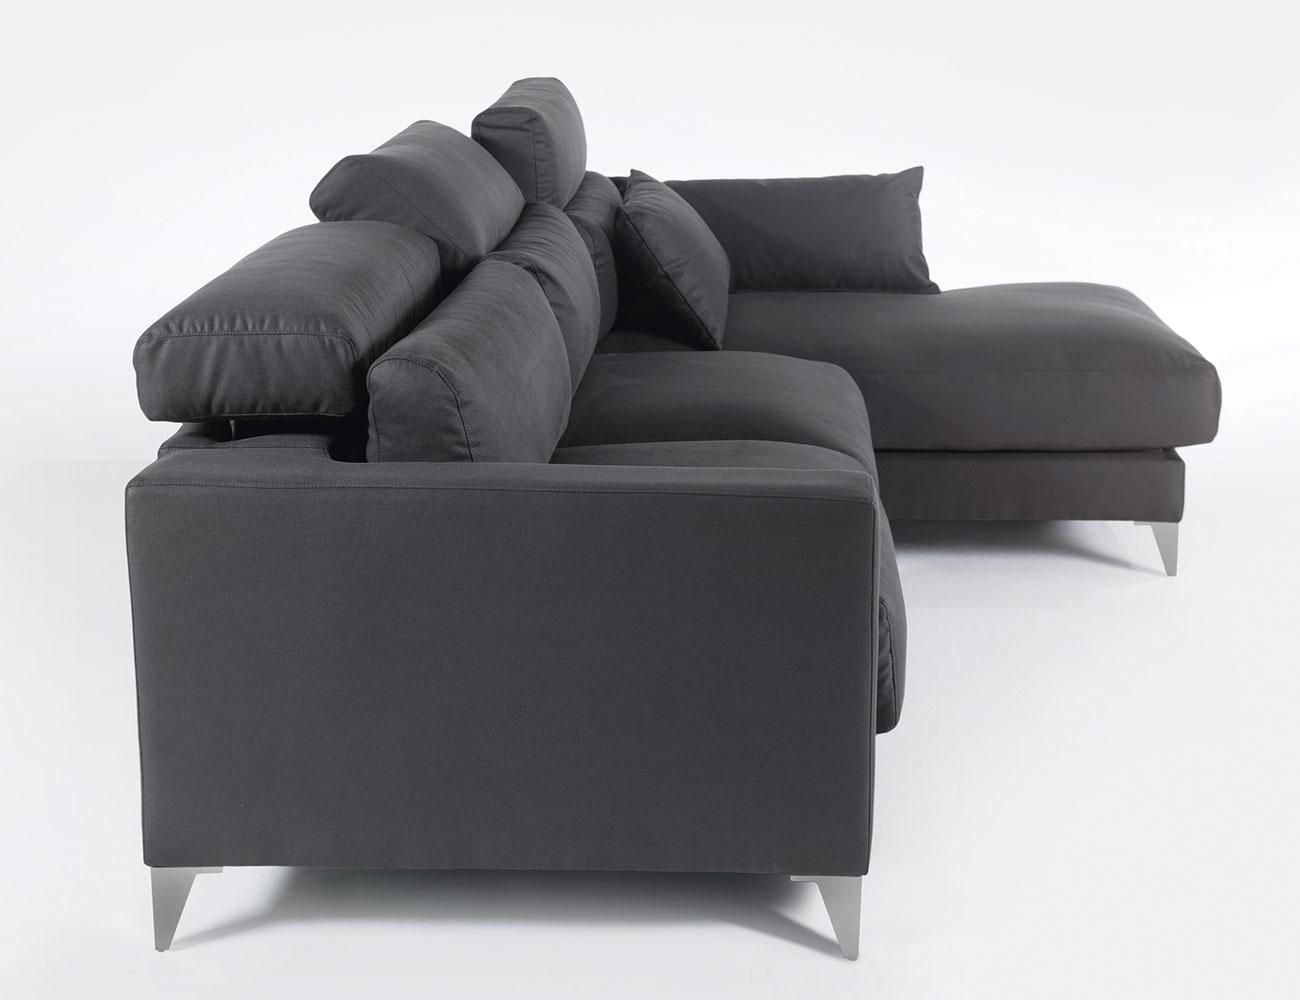 Sofa chaiselongue gran lujo decorativo grafito 110